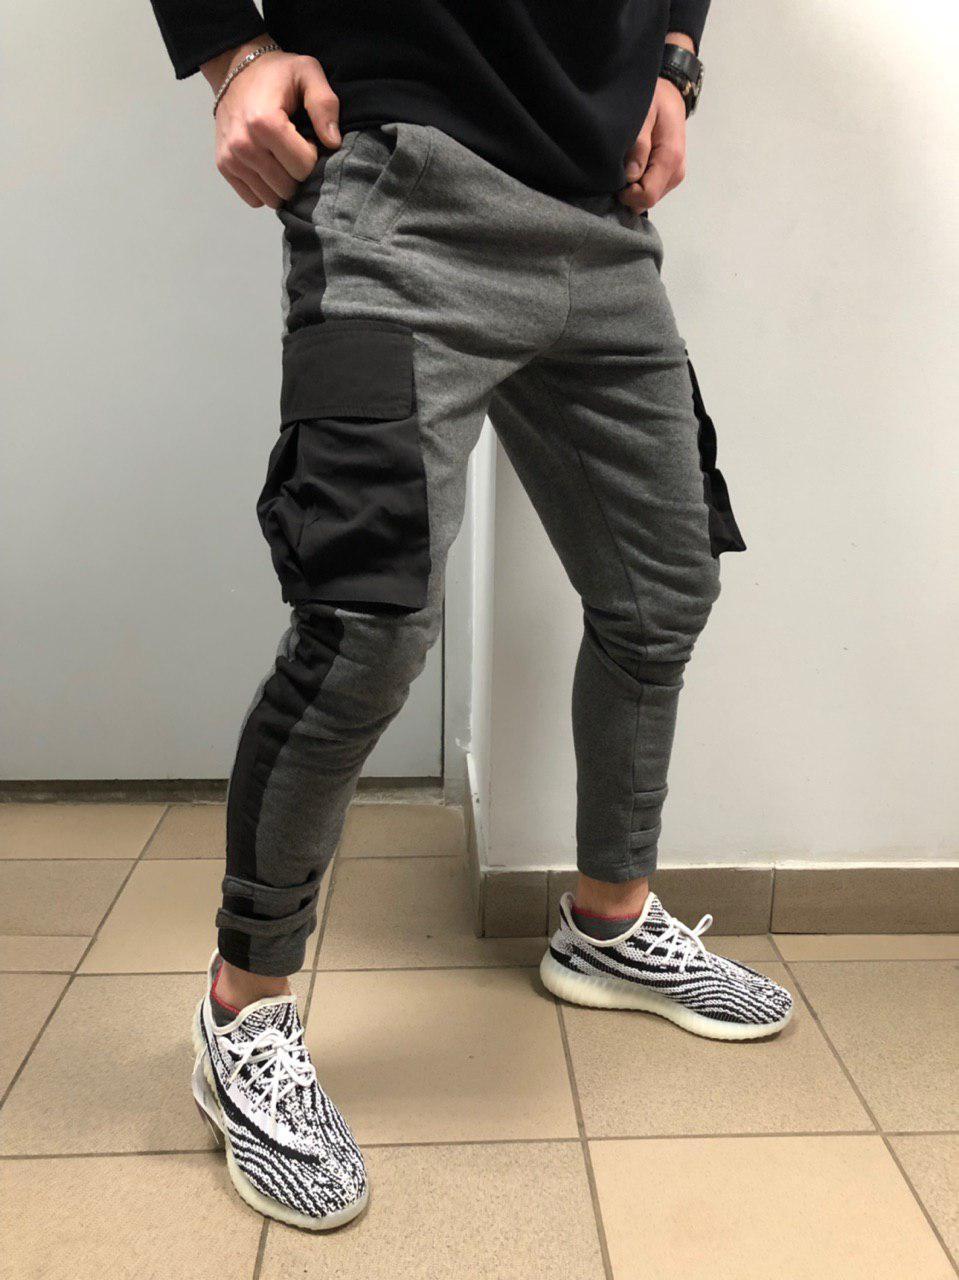 68ea6633 Мужские стильные спортивные штаны серые с черным, цена 840 грн., купить в  Киеве — Prom.ua (ID#873723498)